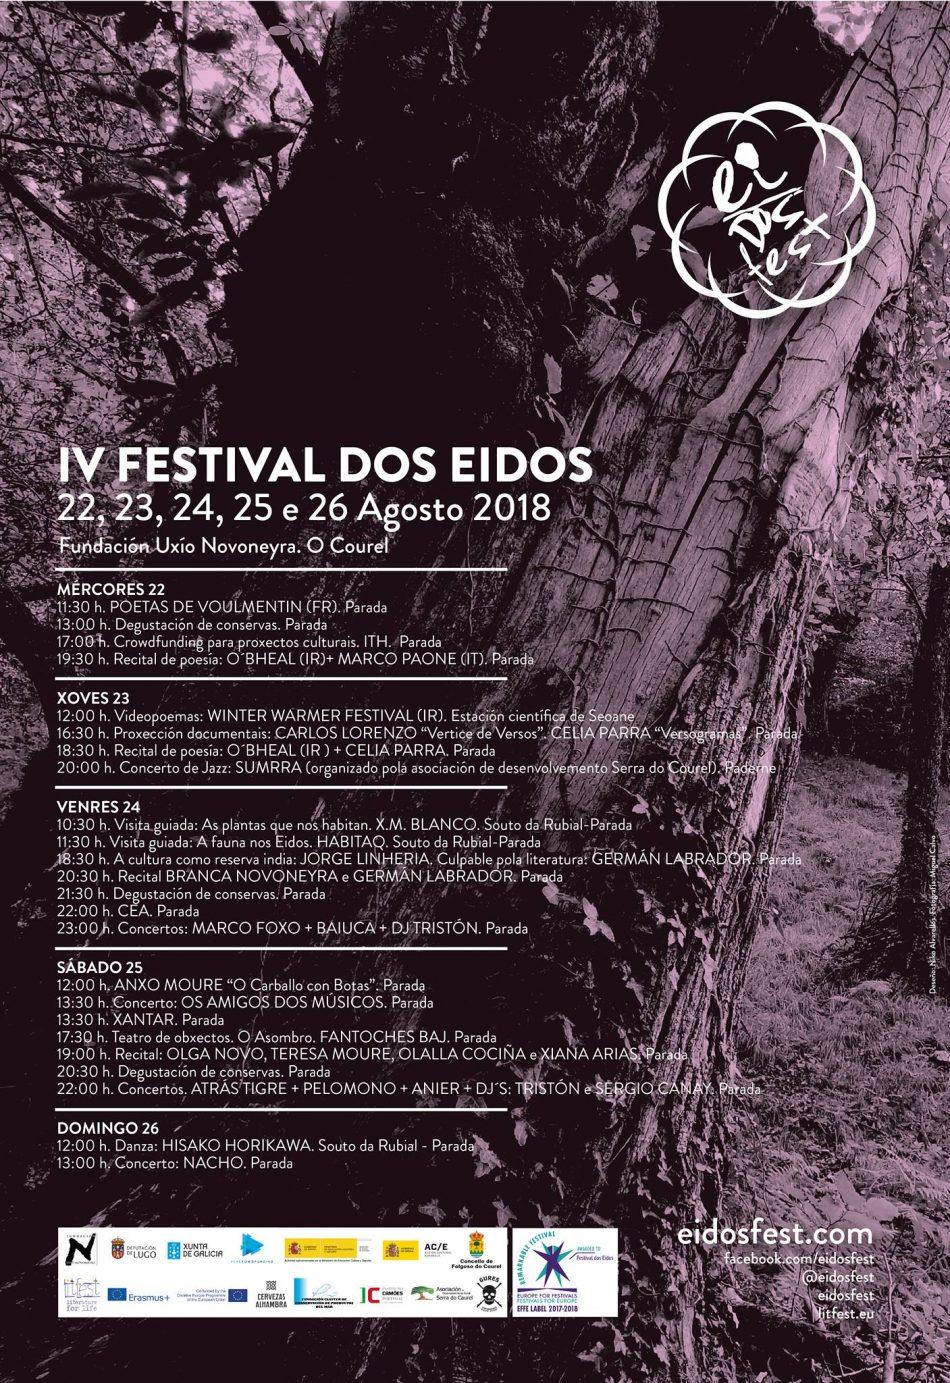 Versogramas en Festival dos Eidos